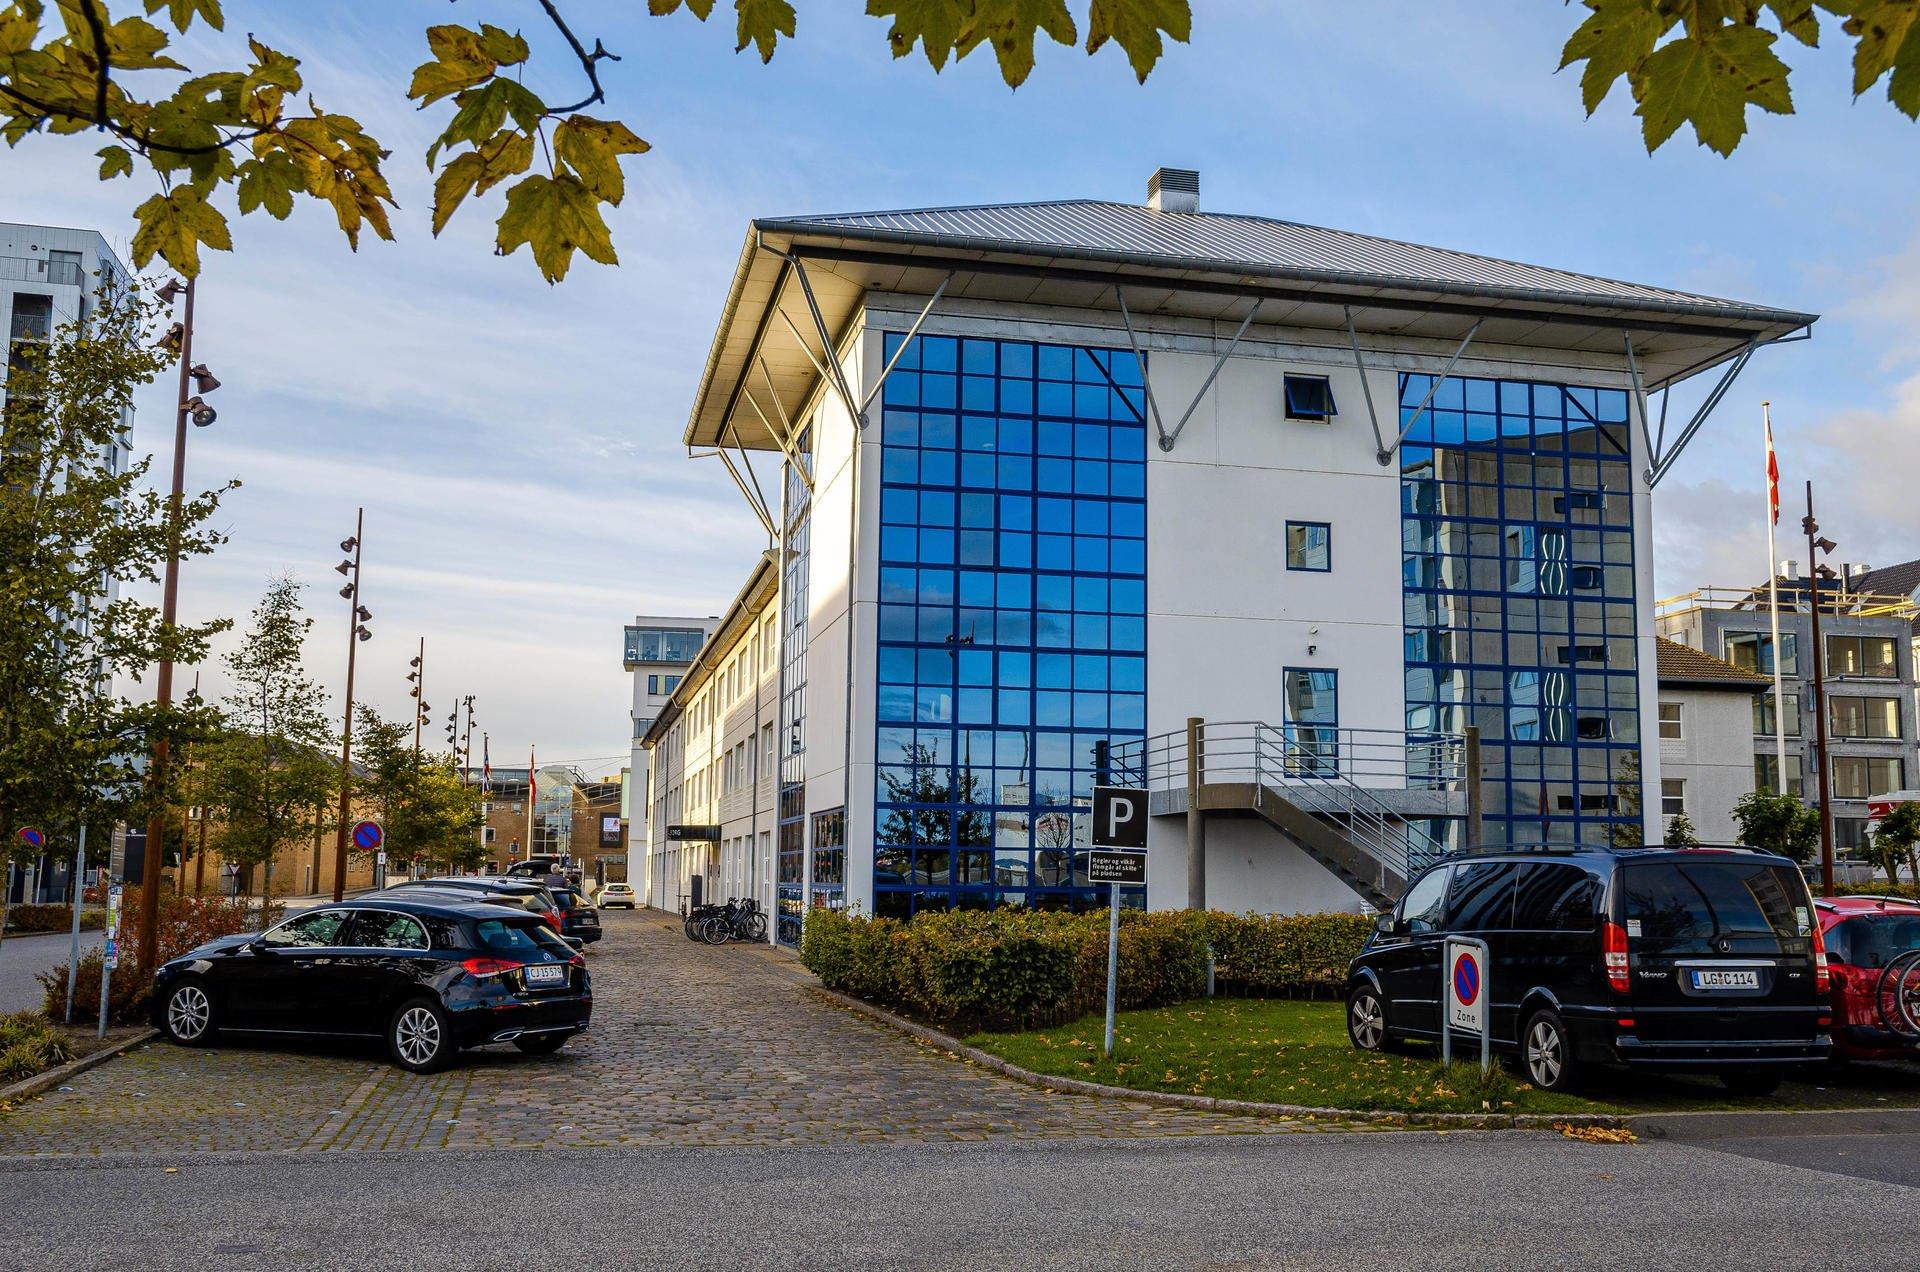 Slotshotellet i Aalborg skal fremover drives af Bühlmann-familien, der også har planer om at blive landsdækkende i Danmark. PR-foto: Slotshotellet.dk